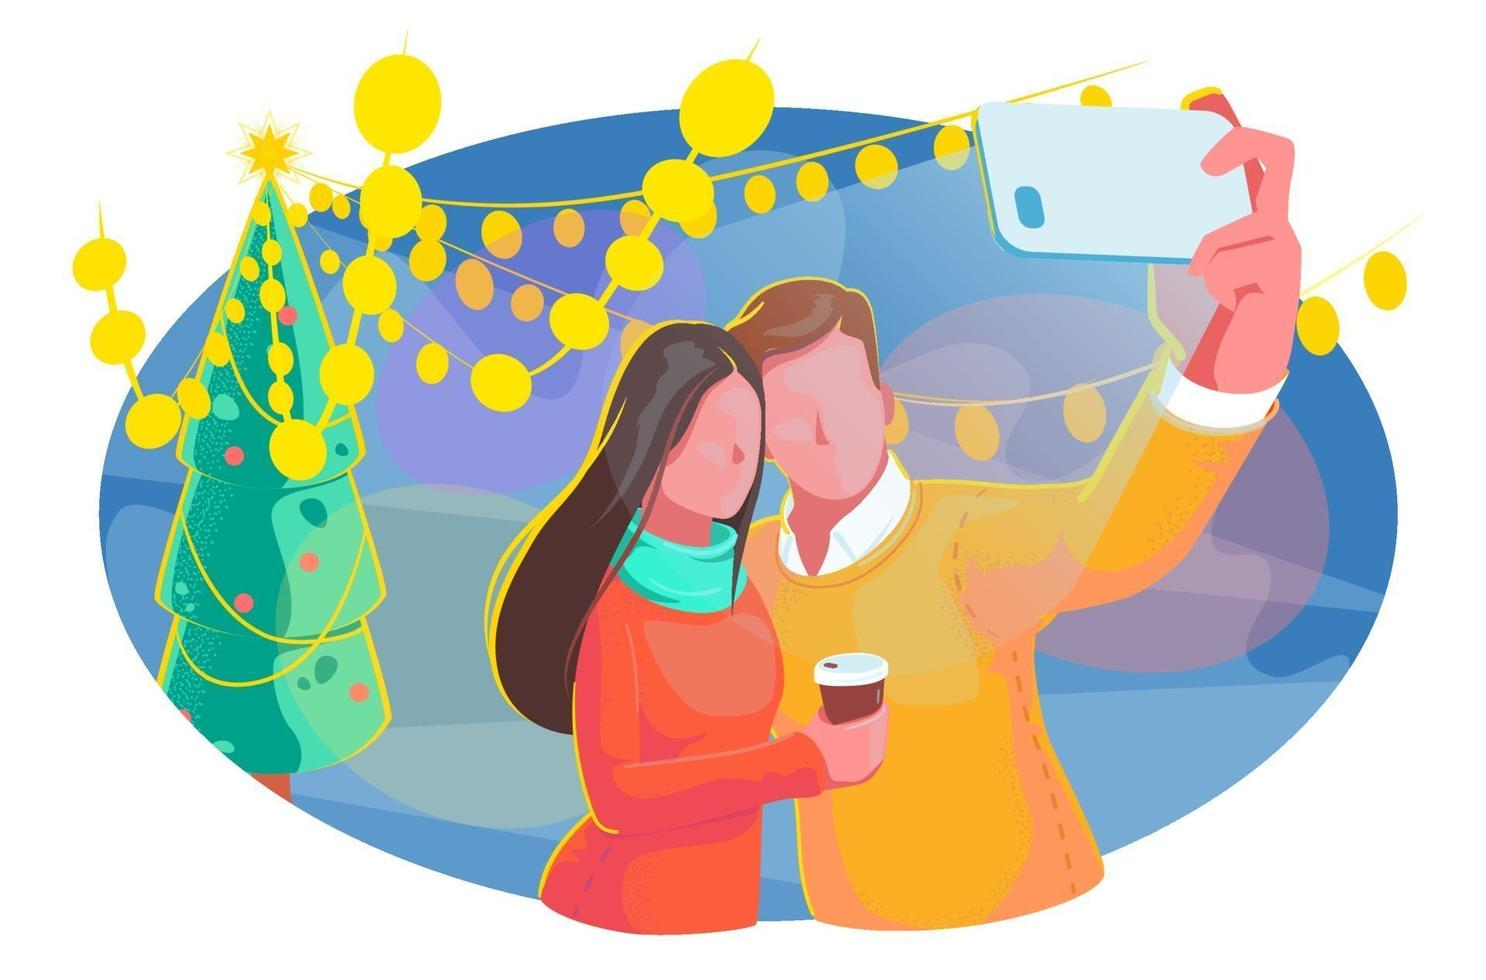 coppia invernale prendendo selfie blogging con illustrazione albero di Natale. festa di concetto di design, celebrazione del nuovo anno. concetto di natale della città all'aperto. sfondo vettoriale vacanza romantica isolato su bianco